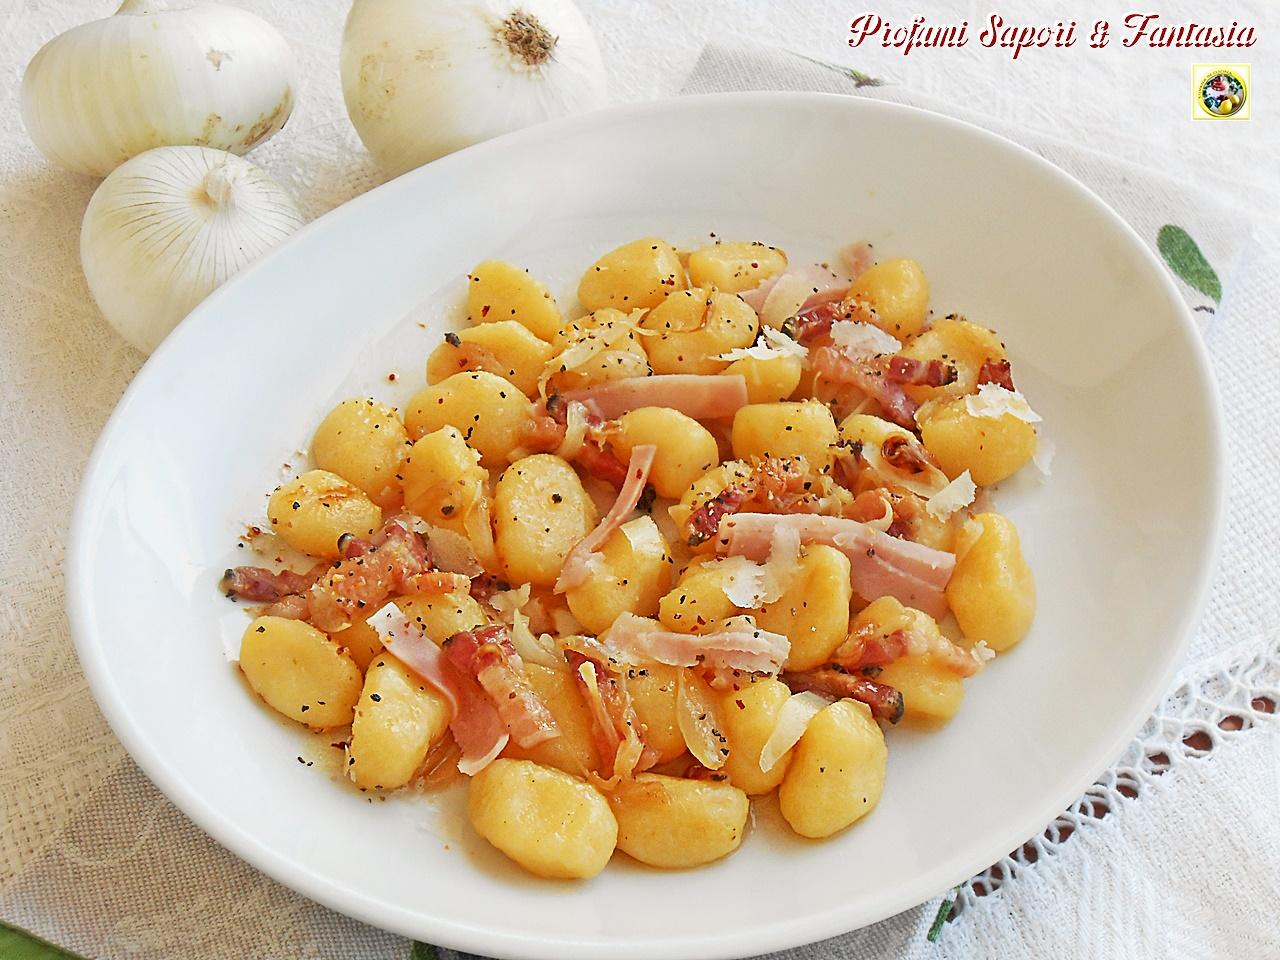 Gnocchi di patate con pancetta e cipolle